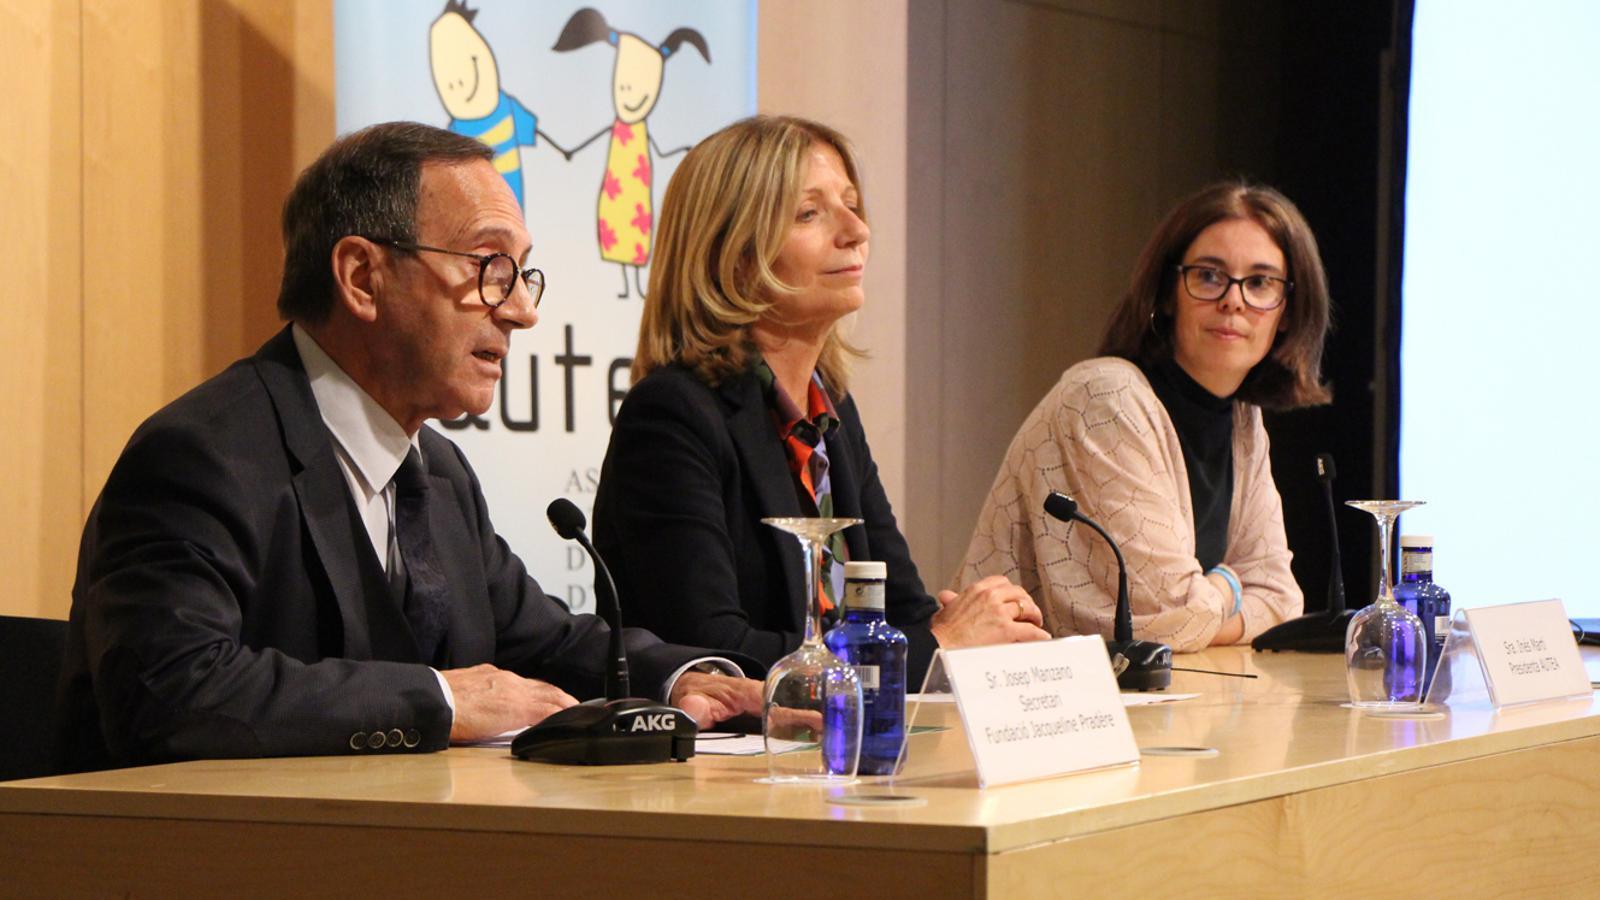 Un moment de la conferència 'Intervenció educativa en persones amb TEA' celebrada aquest dijous. / M. P. (ANA)